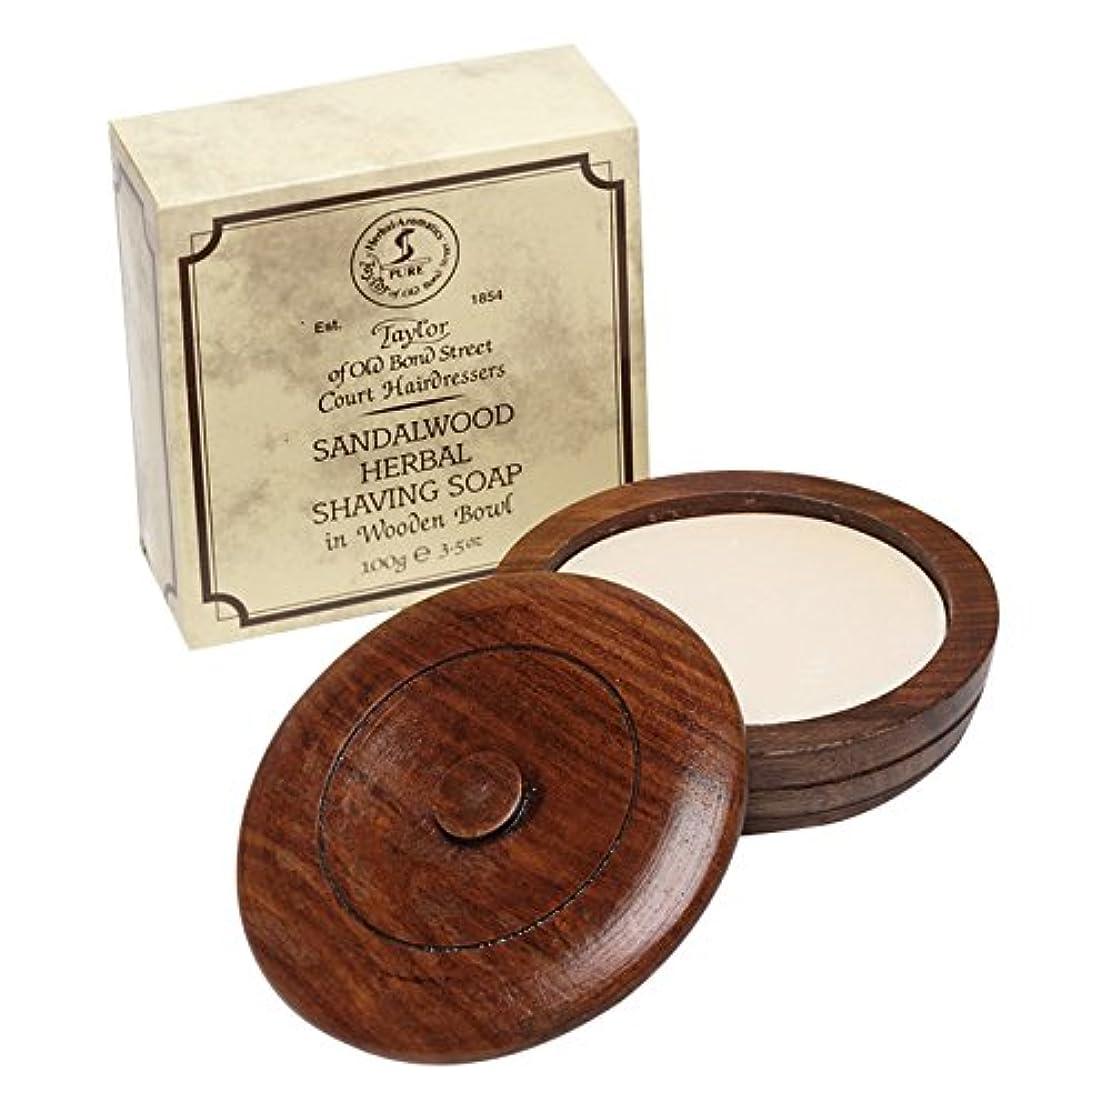 魔術師つま先効果木製のボウル100グラム古いボンド?ストリート白檀シェービングソープのテイラー (Taylor of Old Bond Street) - Taylor of Old Bond Street Sandalwood Shaving Soap with Wooden Bowl 100g [並行輸入品]